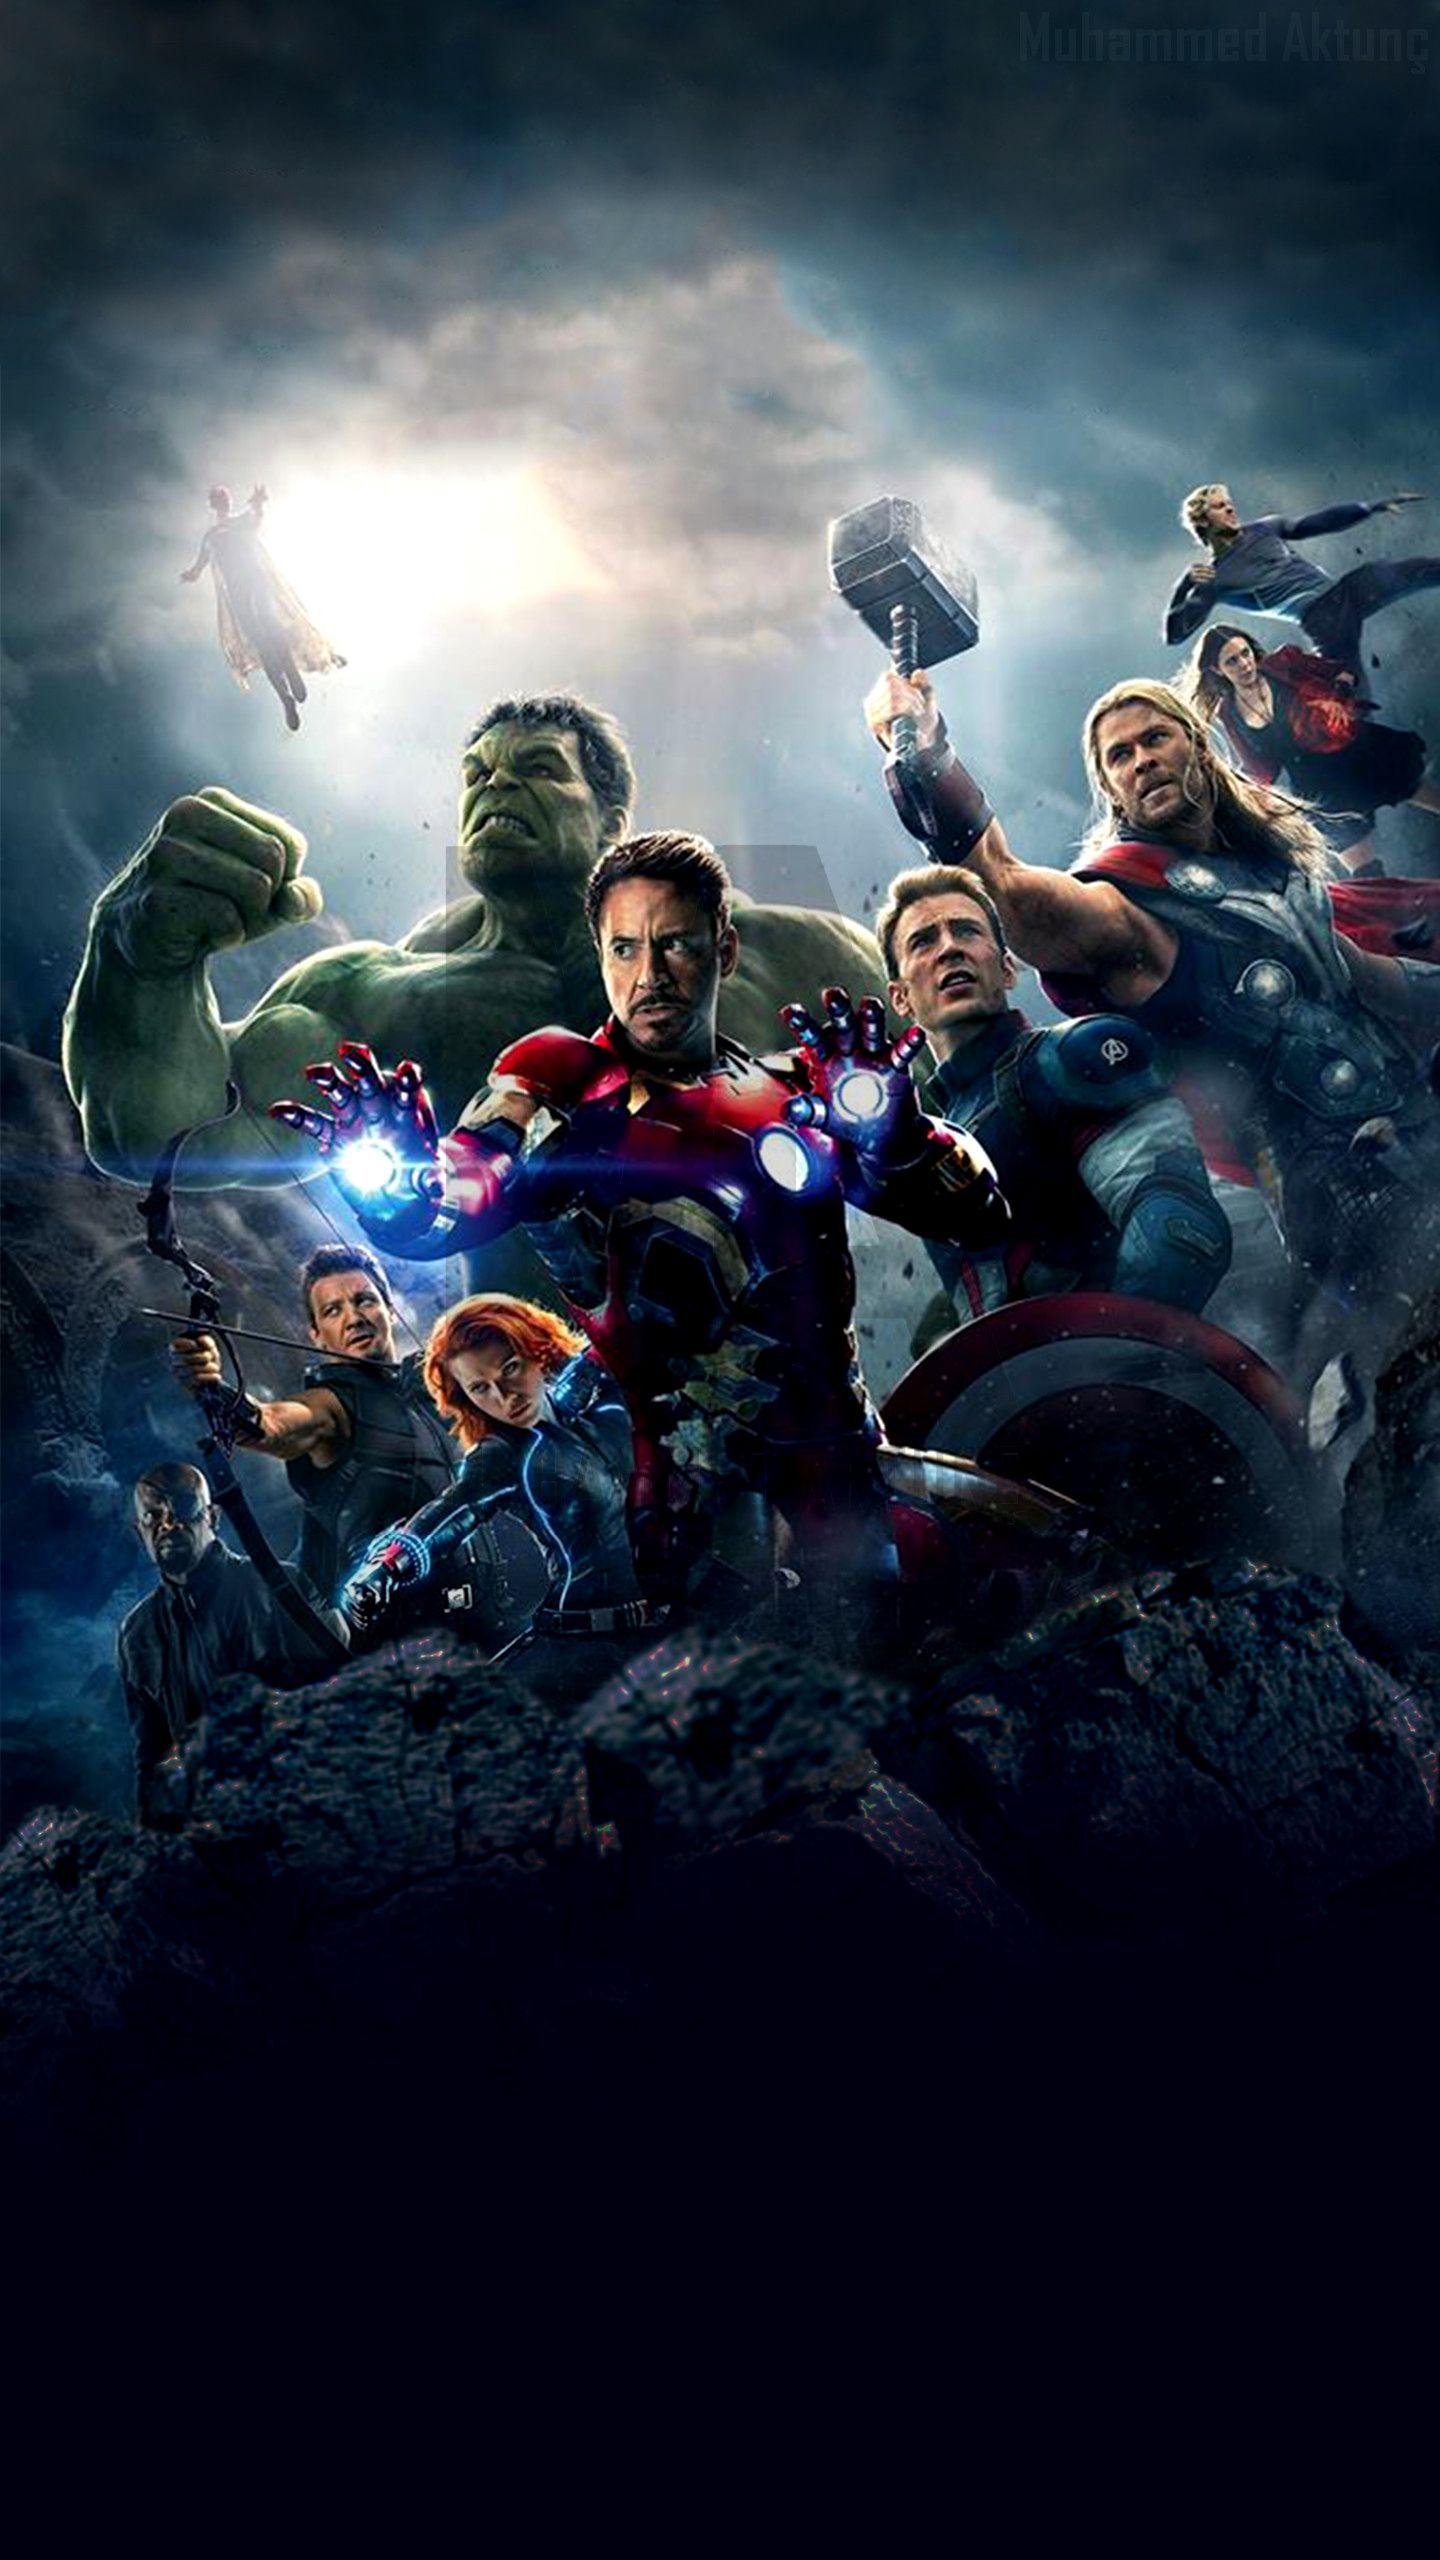 4k Wallpaper For Mobile Avengers Gallery Marvel Pahlawan Marvel Gambar